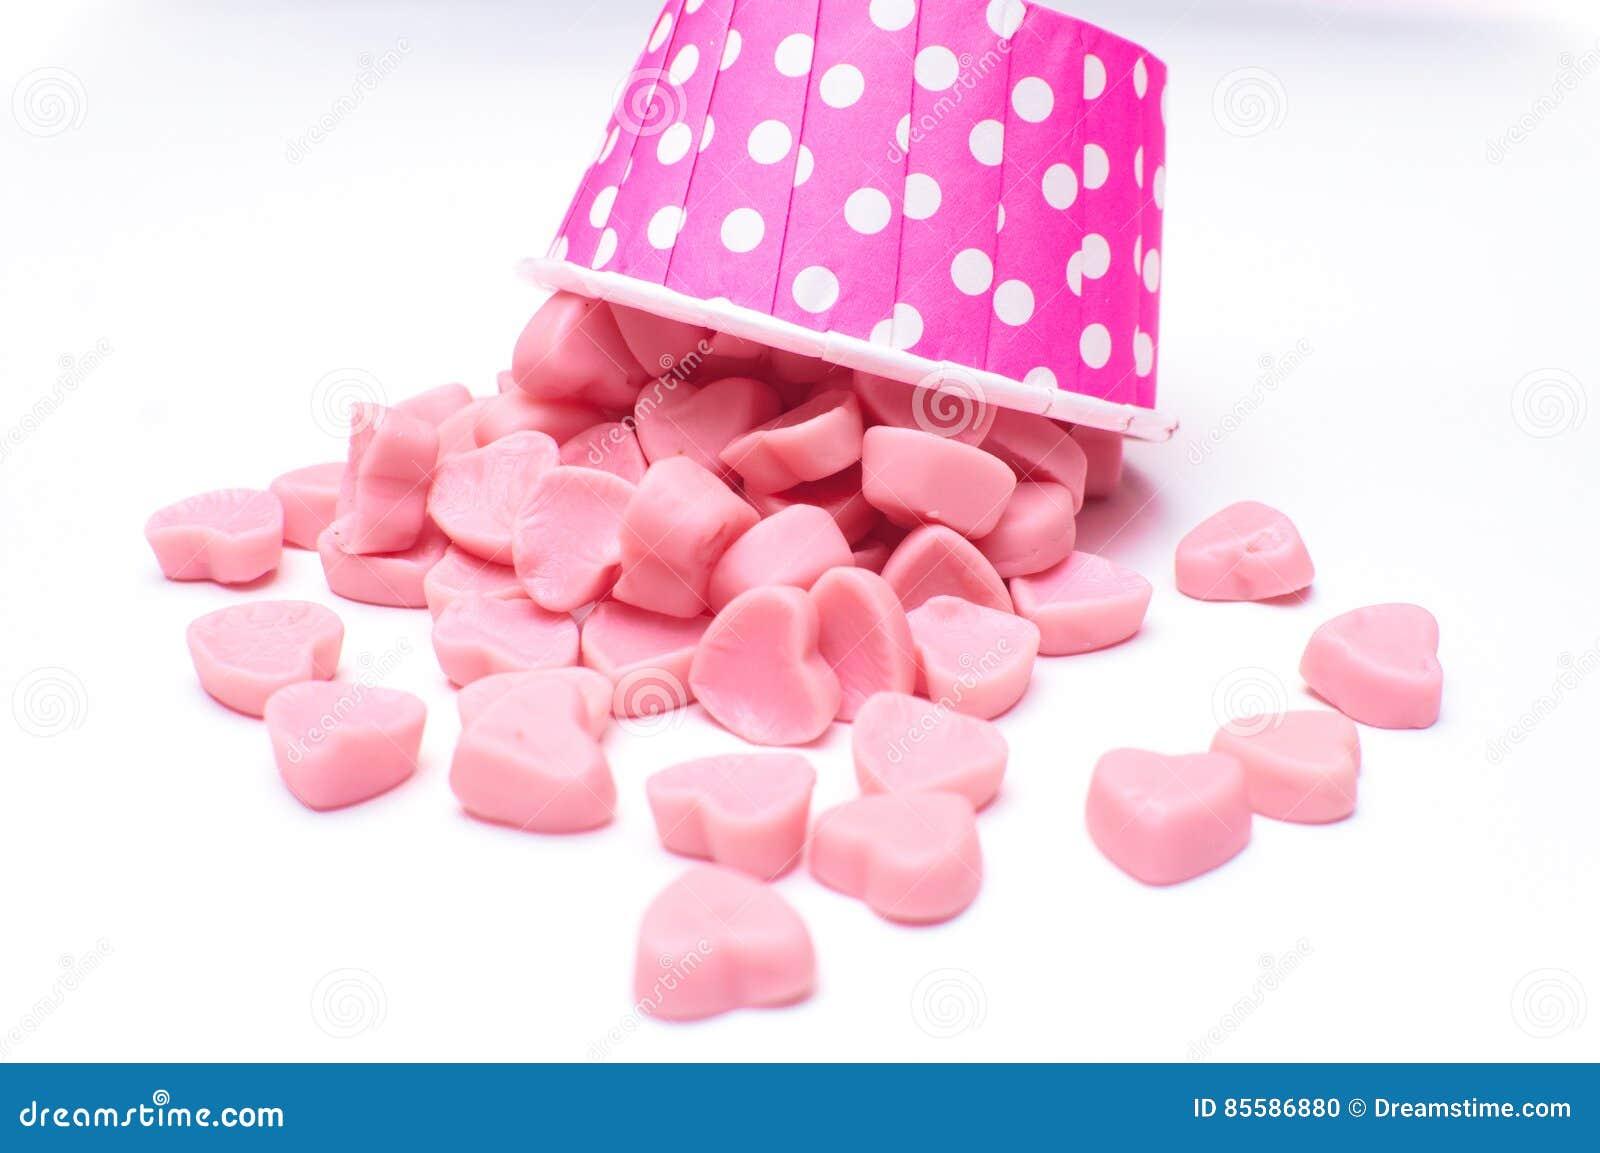 Caramella di caduta del cuore in tazze di carta del pois rosa isolate